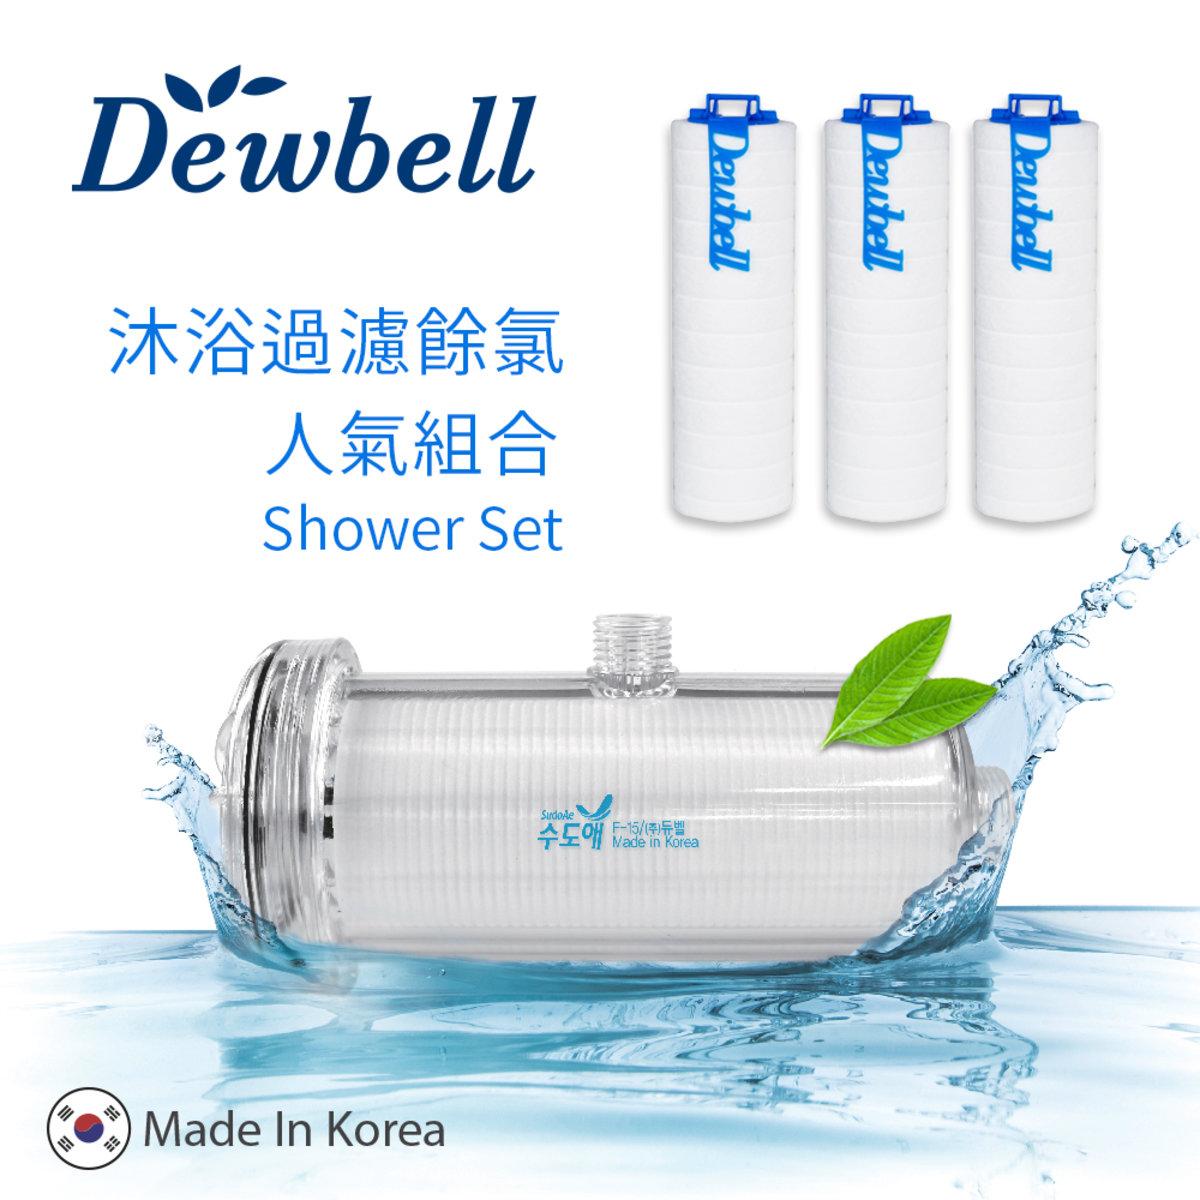 F15 韓國 沐浴花灑過濾器 除氯過濾水器  人氣組合 (浴室沐浴過濾) (外殼1個, 濾芯4個)